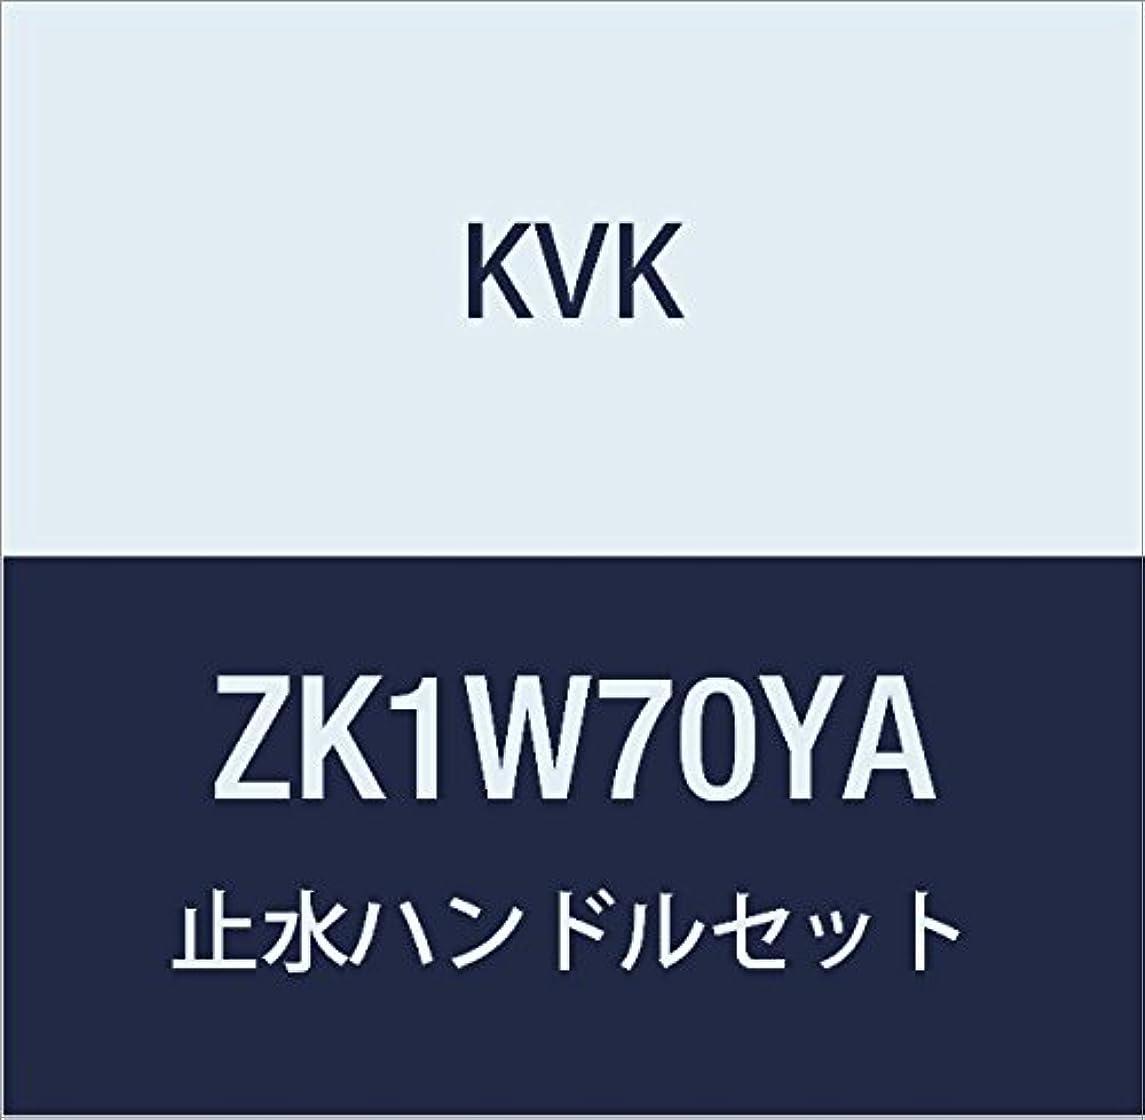 三十アスレチック中絶KVK 止水ハンドルセット(水側) ZK1W70YA